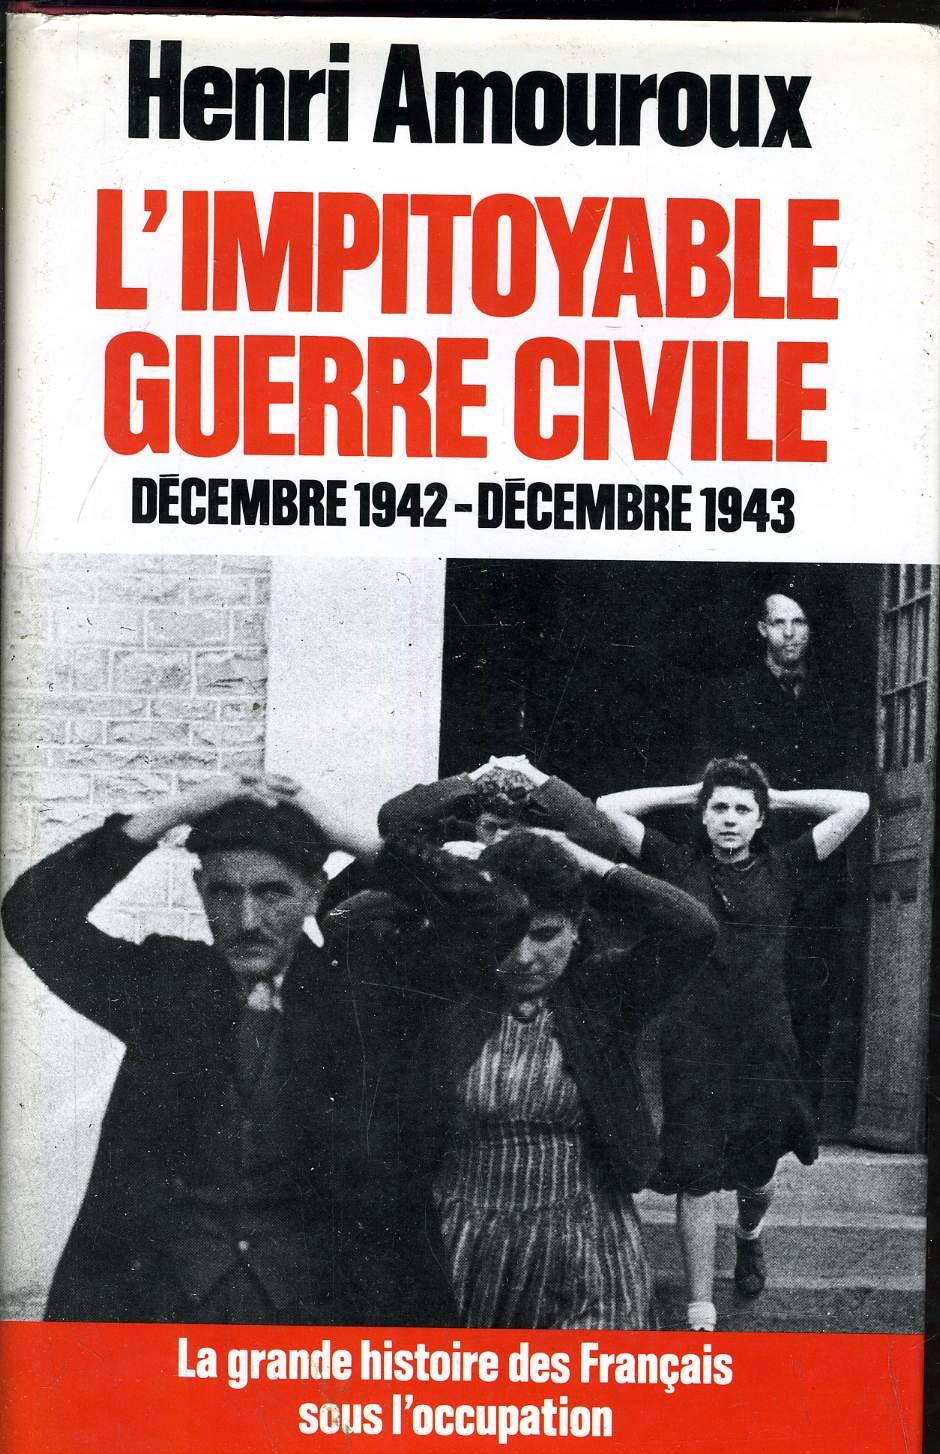 L'IMPITOYABLE GUERRE CIVILE DECEMBRE 1942 -  DECEMBRE 1943 / COLLECTION LA GRANDE HISTOIRE DES FRANCAIS SOUS L'OCCUPATION.